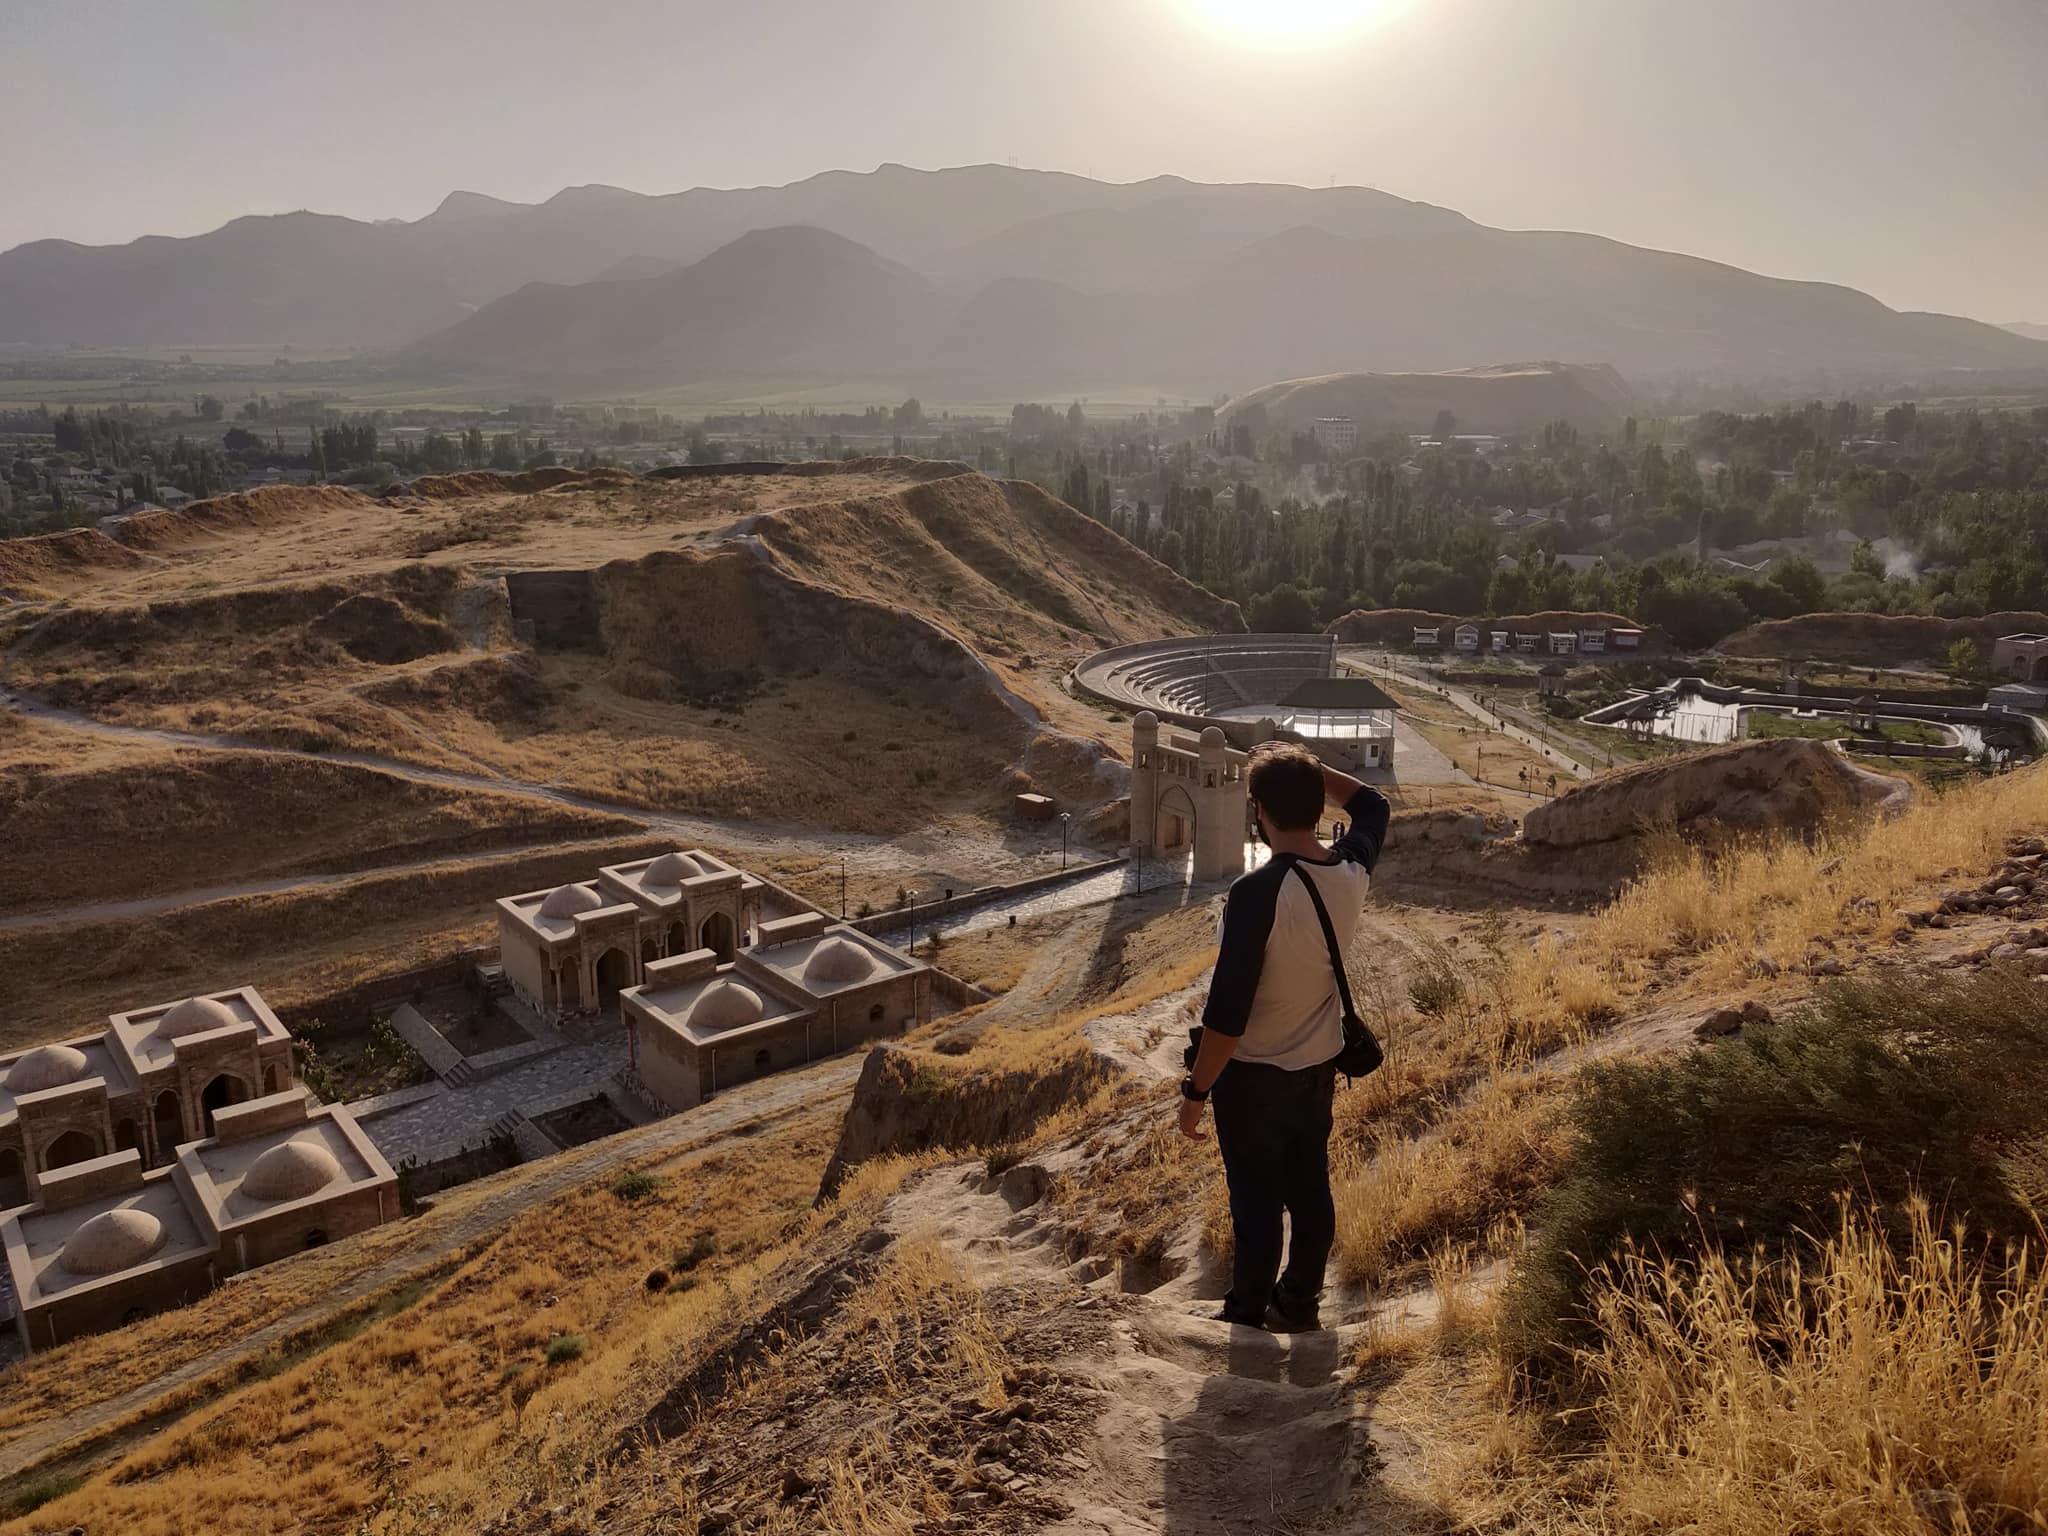 Il Forte di Hissor, a pochissimi km da Dushanbe